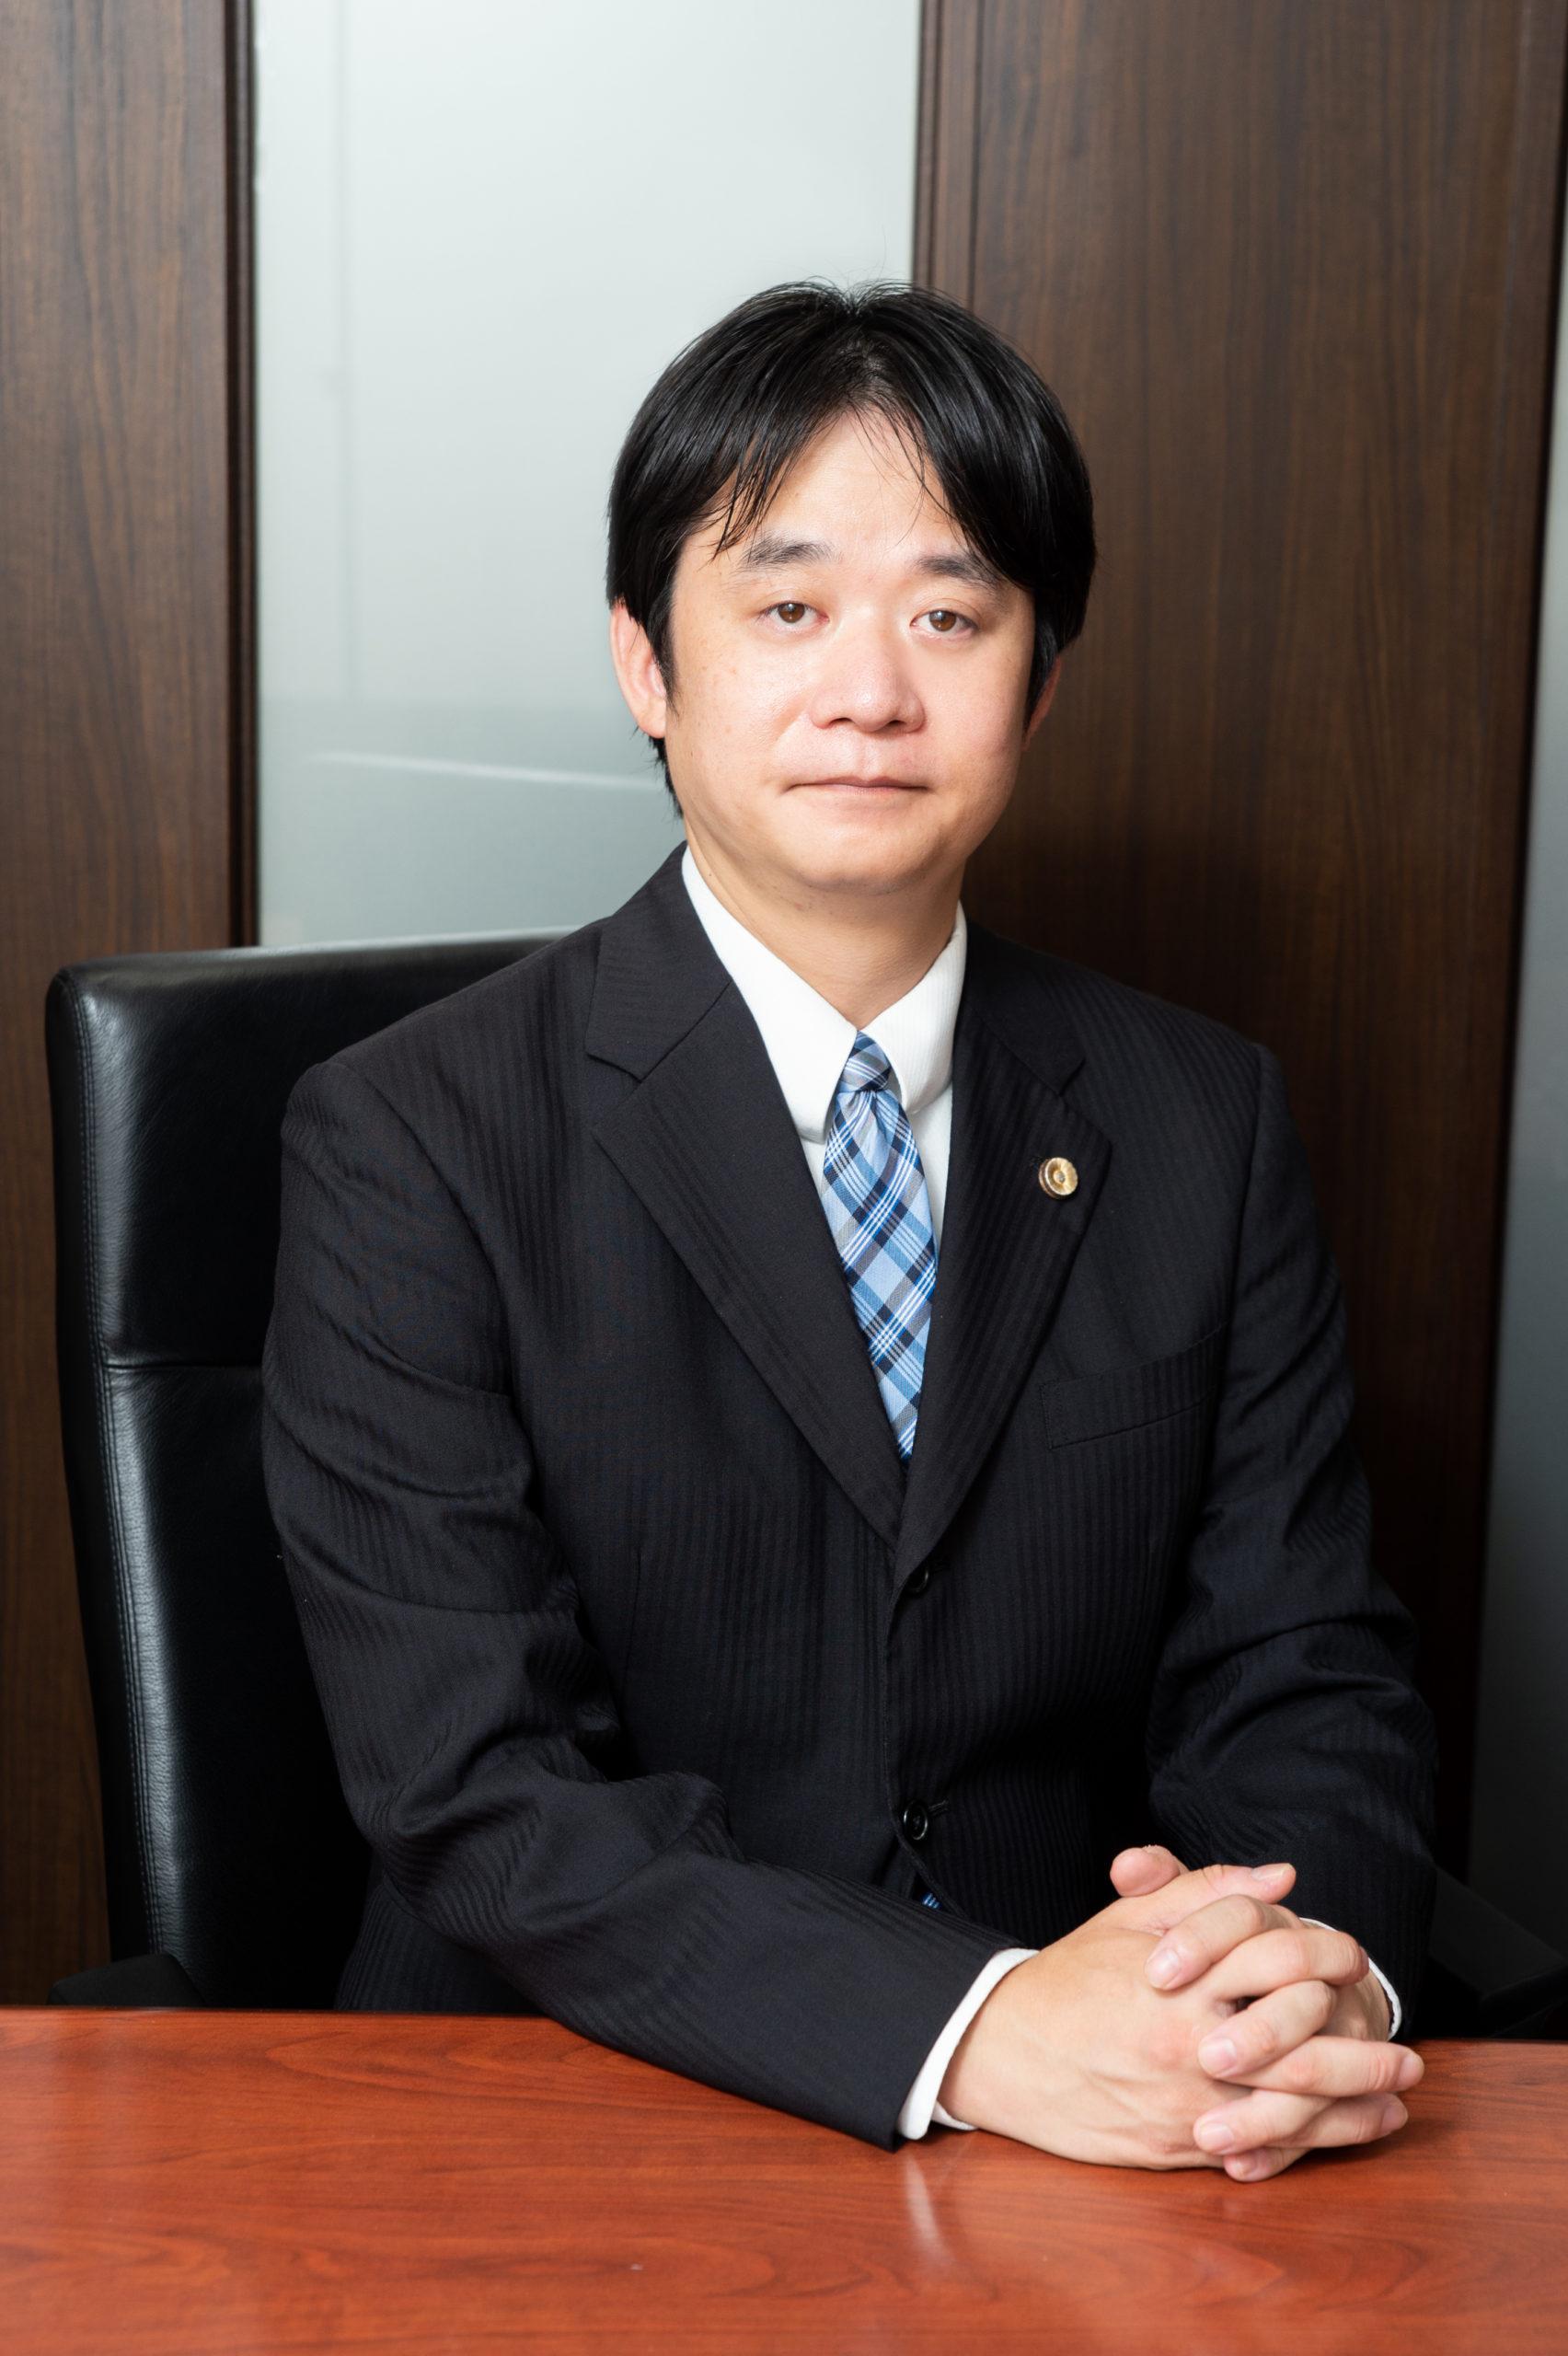 棚田章弘弁護士(大谷・佐々木・棚田法律事務所) 代表棚田 章弘